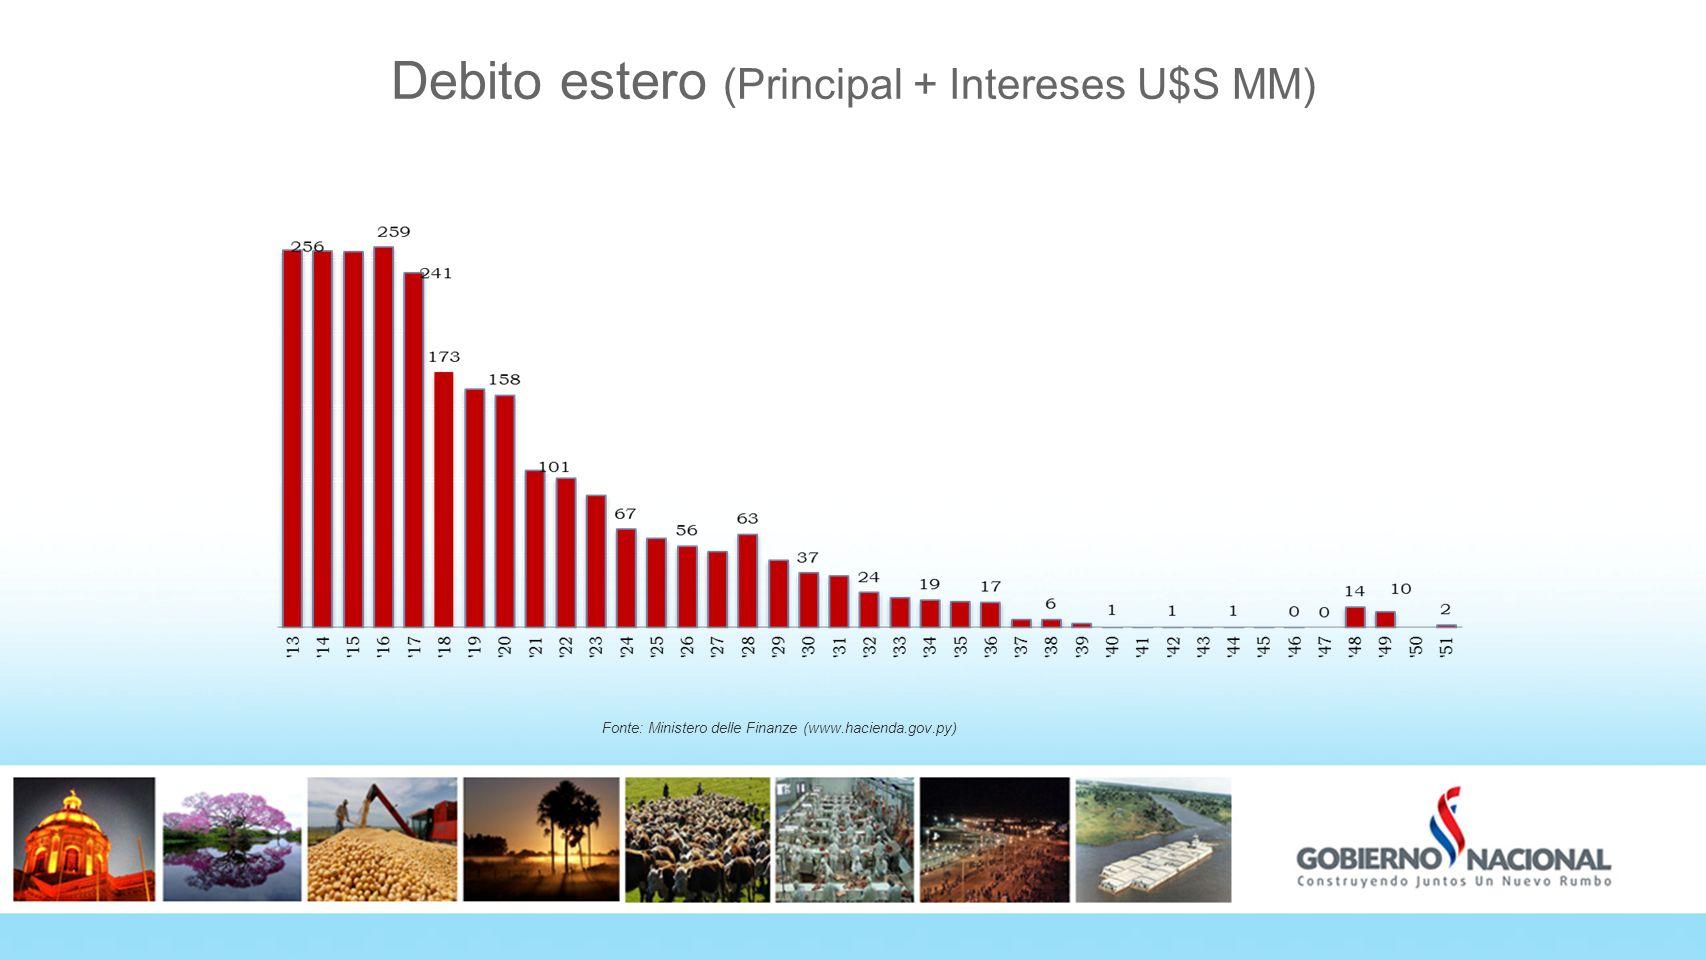 Profilo Debito estero Evoluzione del tasso paese Confronto regionale ) Moody´s /s&p) la domanda è stata di 12 volte il suo debito totale per la Vendita (US$ 5.579 M) emissione di US$ 500 M) Fonte: Banco Centrale del Paraguay, EIU, Moody s, S&P.